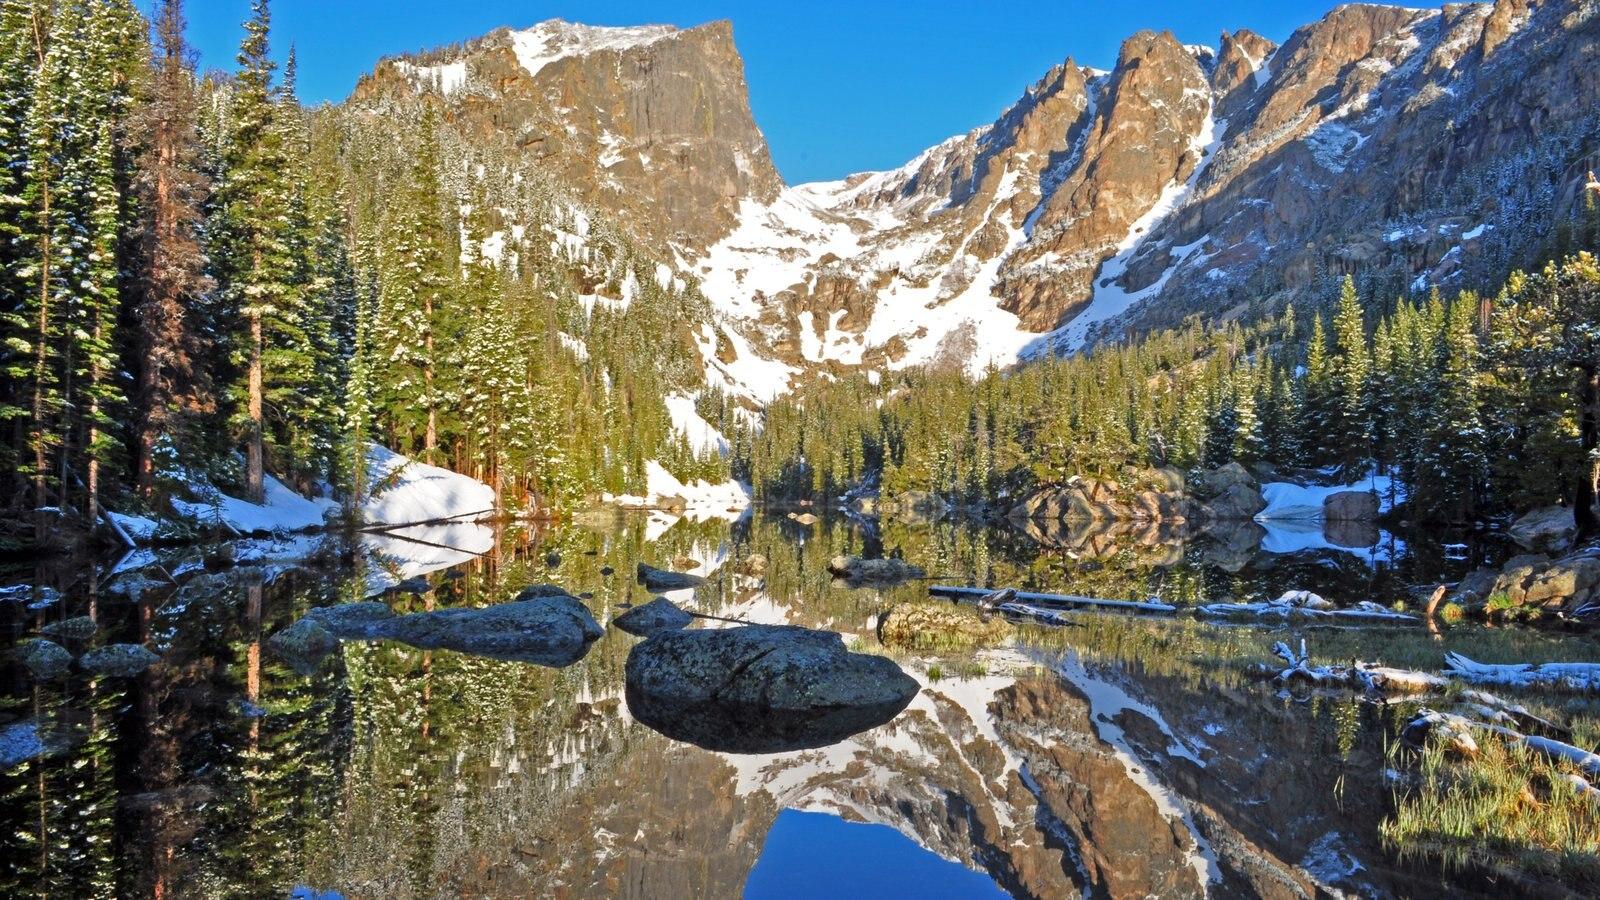 Rocky Mountain National Park caracterizando um lago ou charco, cenas tranquilas e neve